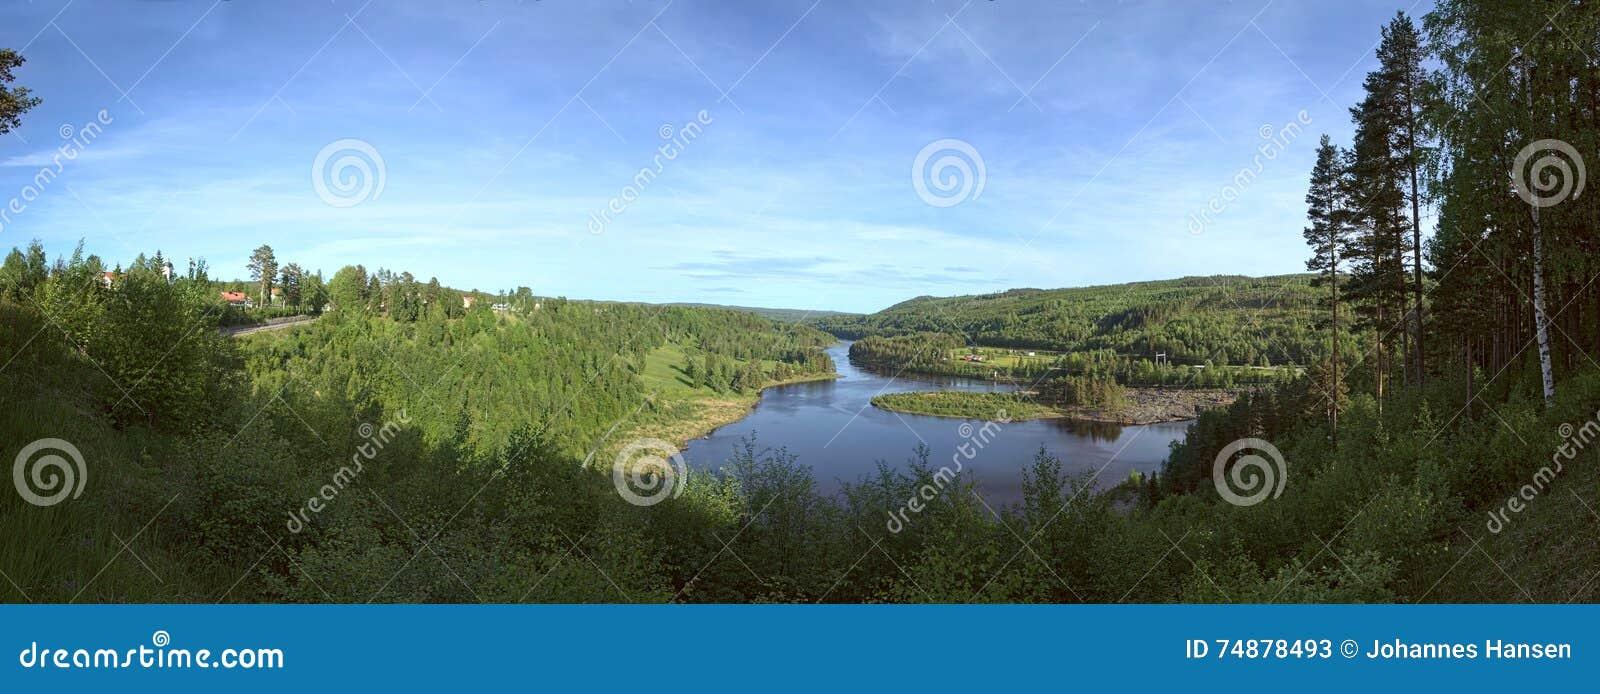 Probabilidade panorâmico no rio Naemforsen em Naesaaker na Suécia